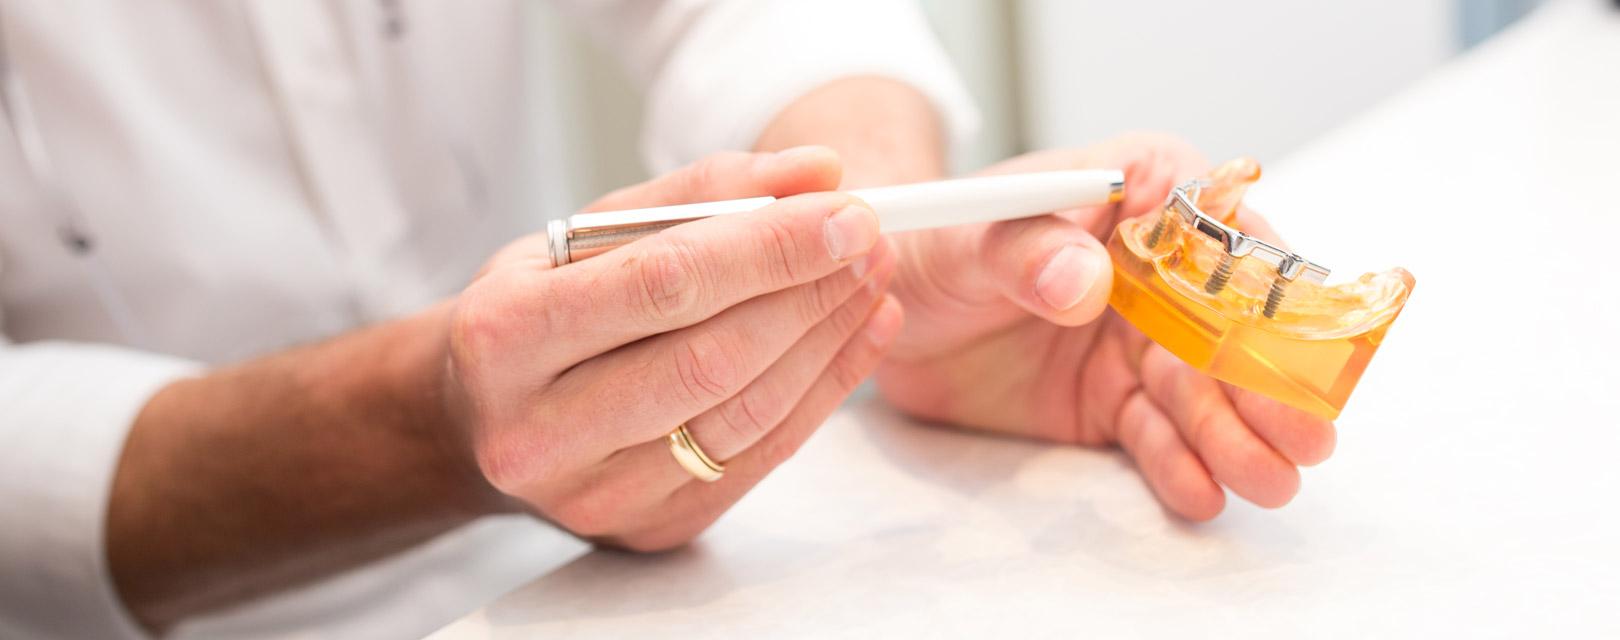 zahnimplantate-zeigen